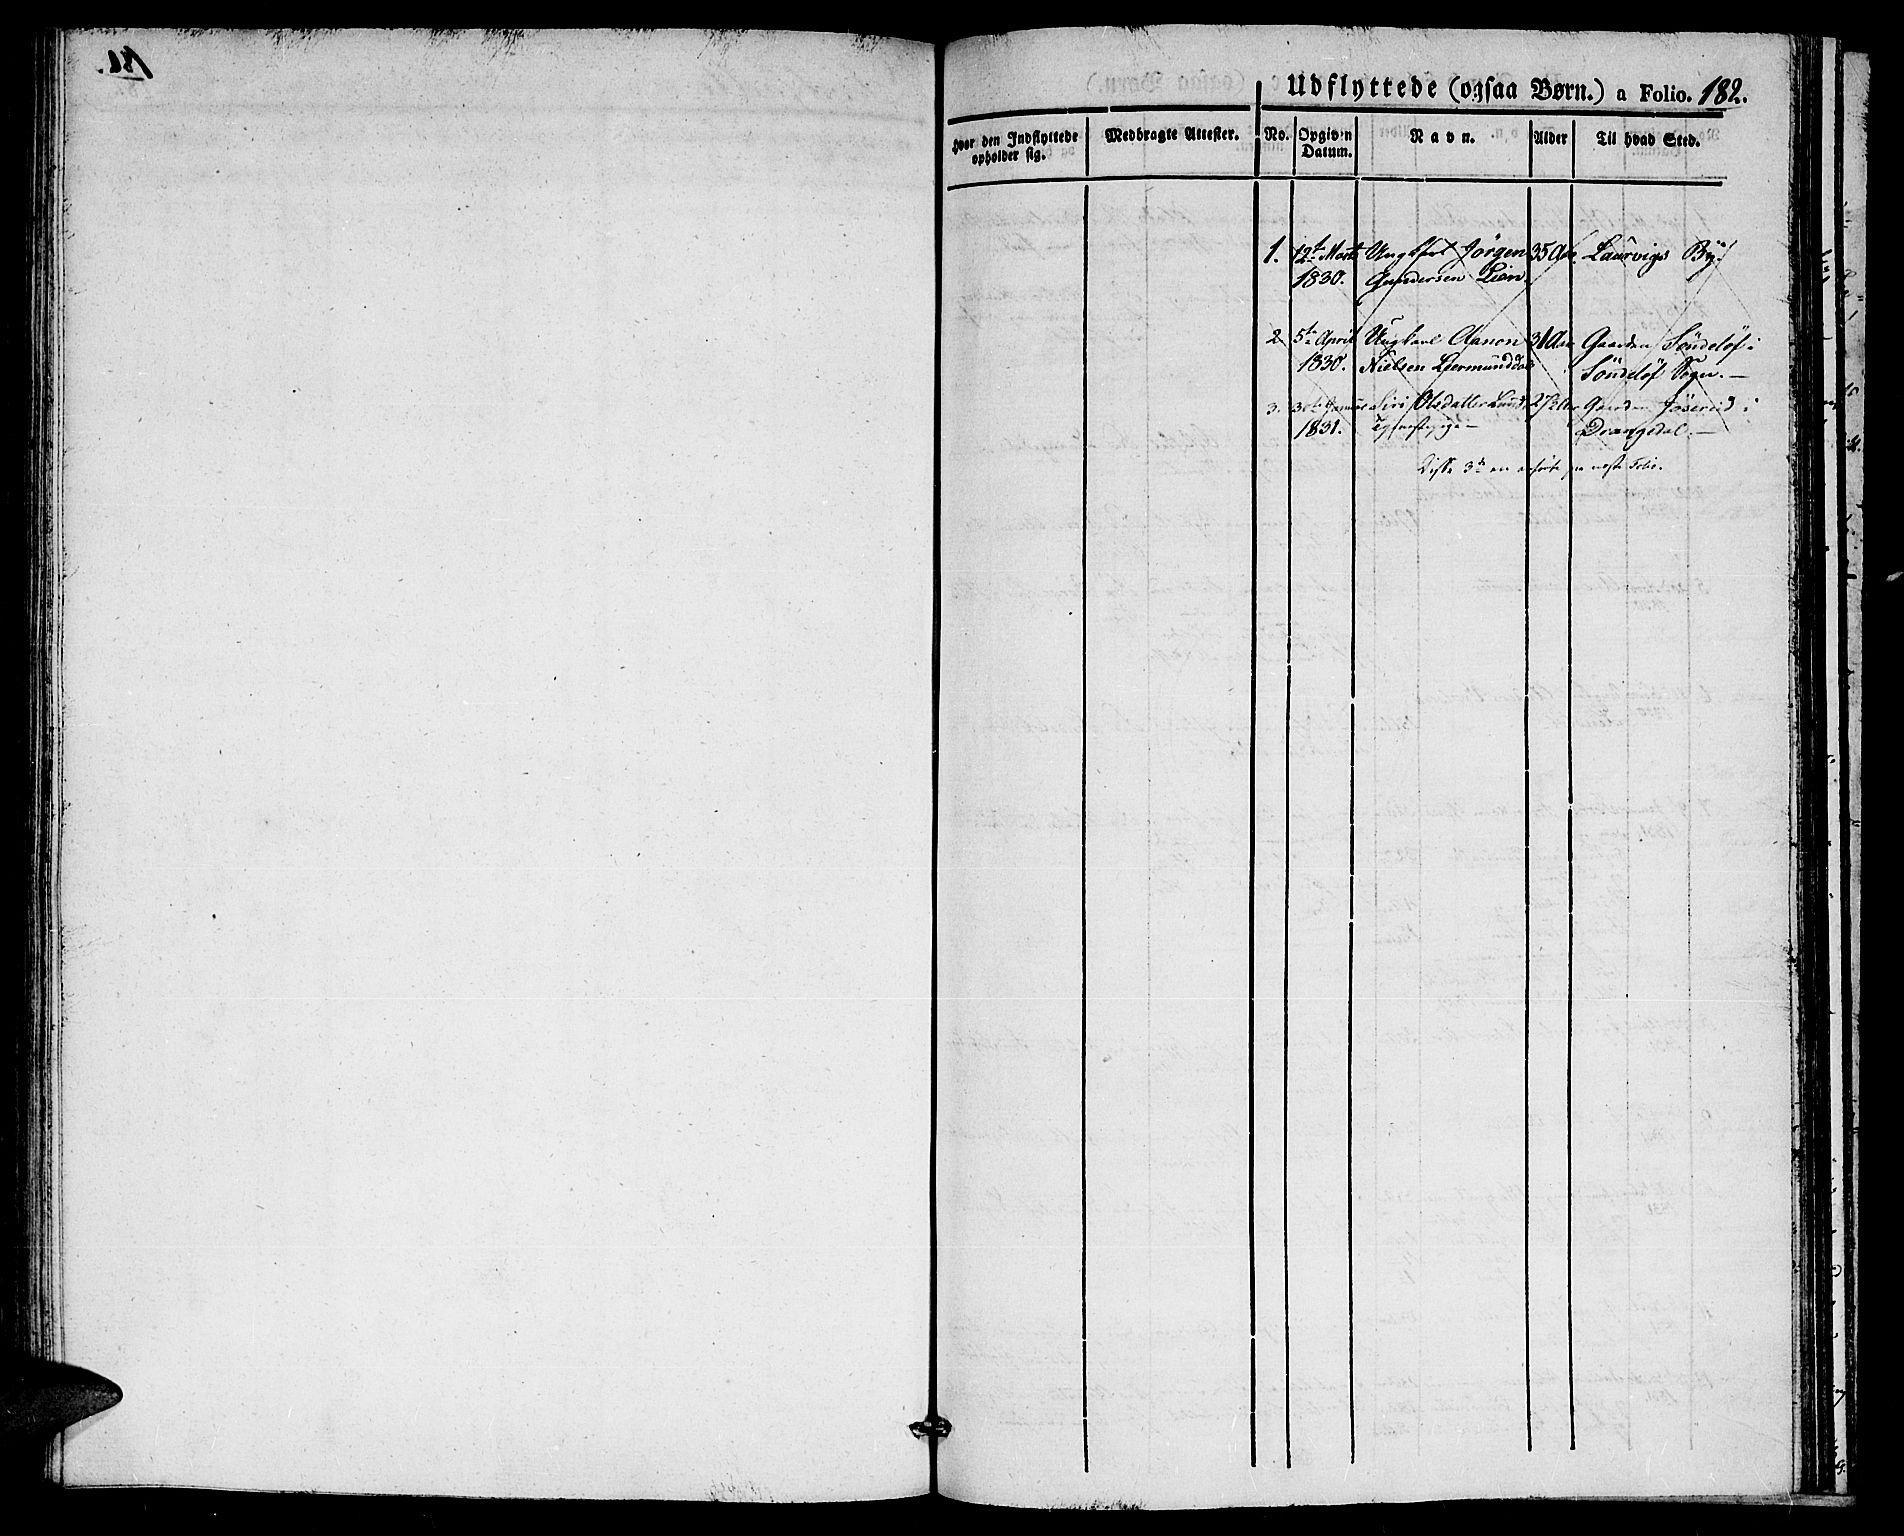 SAK, Gjerstad sokneprestkontor, F/Fa/Faa/L0005: Ministerialbok nr. A 5, 1829-1841, s. 182